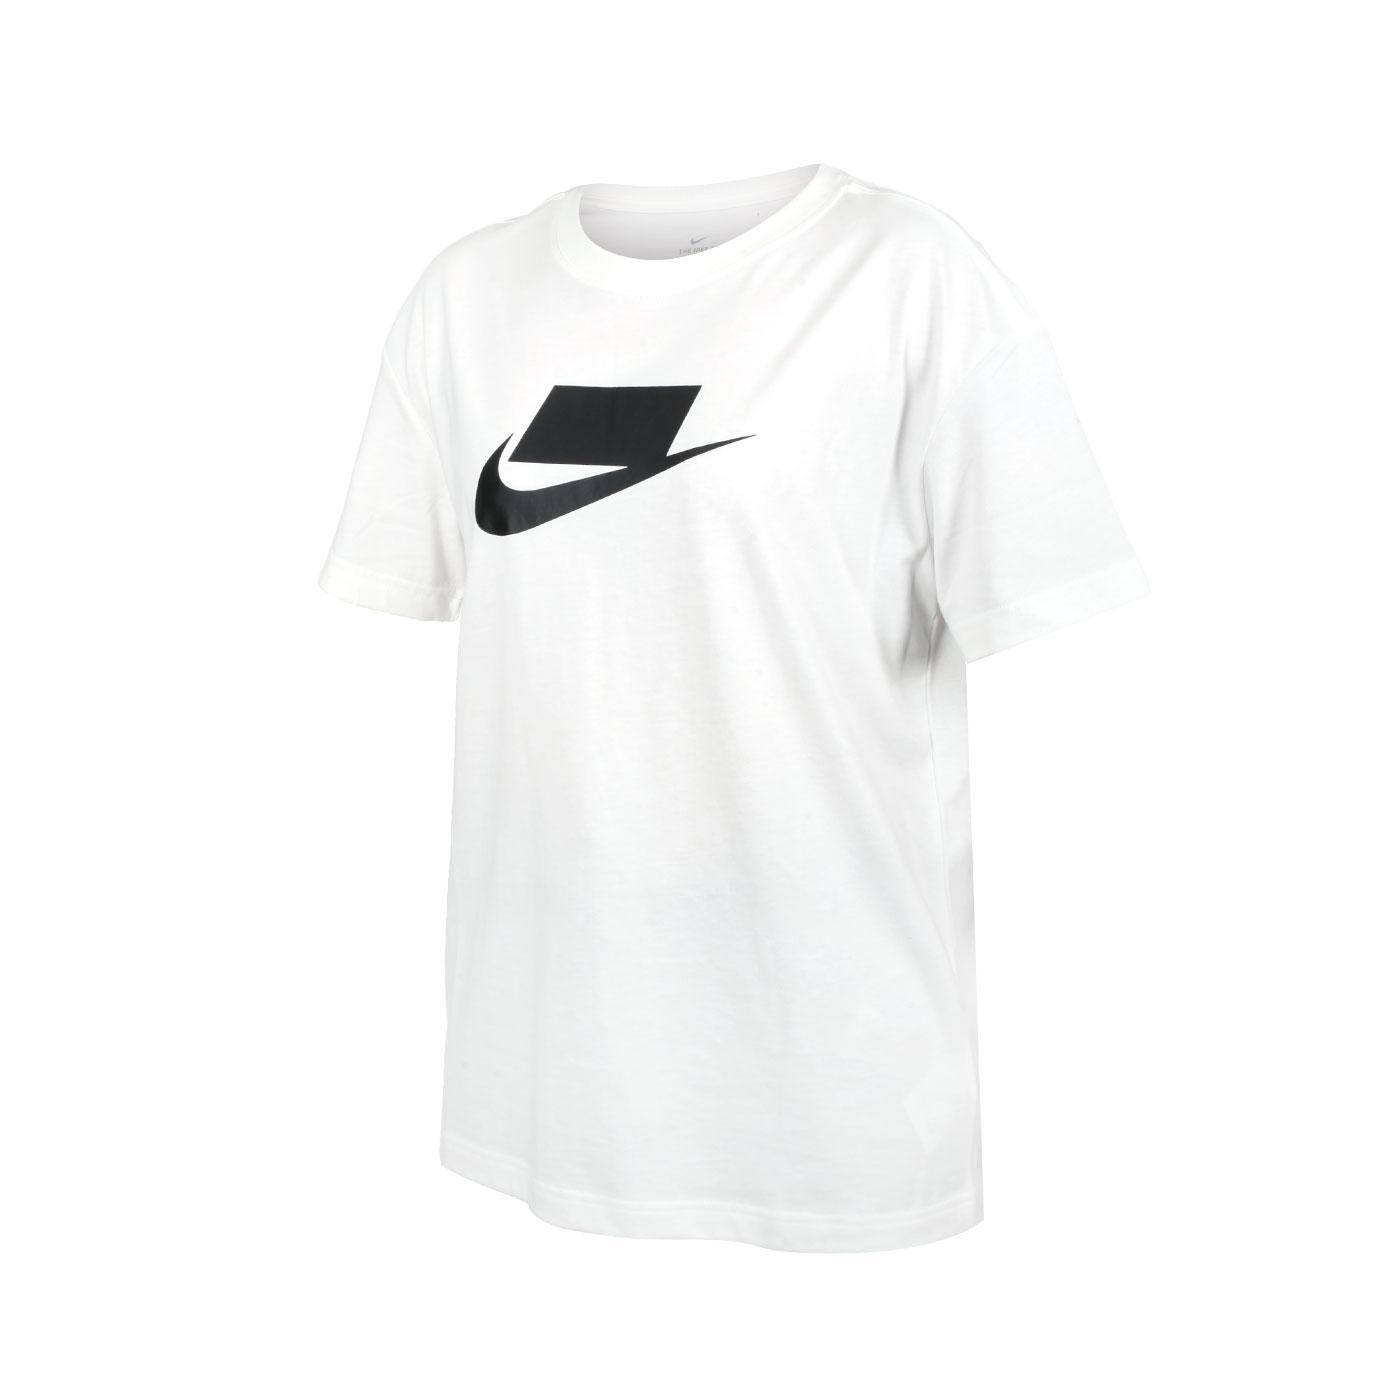 NIKE 女款短袖T恤 DB9828-100 - 白黑